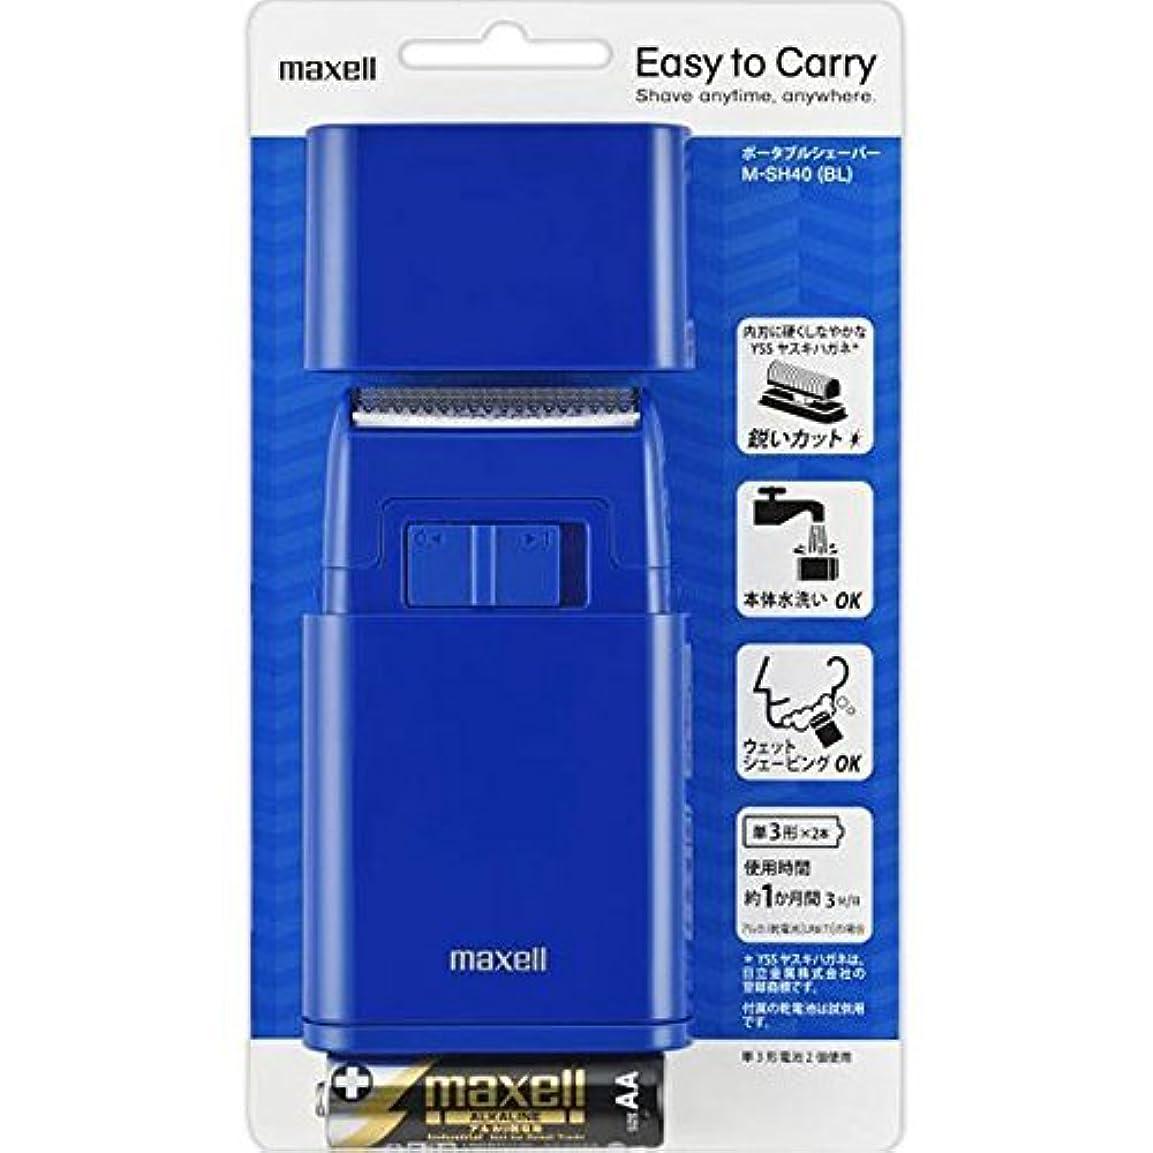 役に立つビームダメージ日立マクセル ポータブルシェーバー(乾電池式) M-SH-40BL